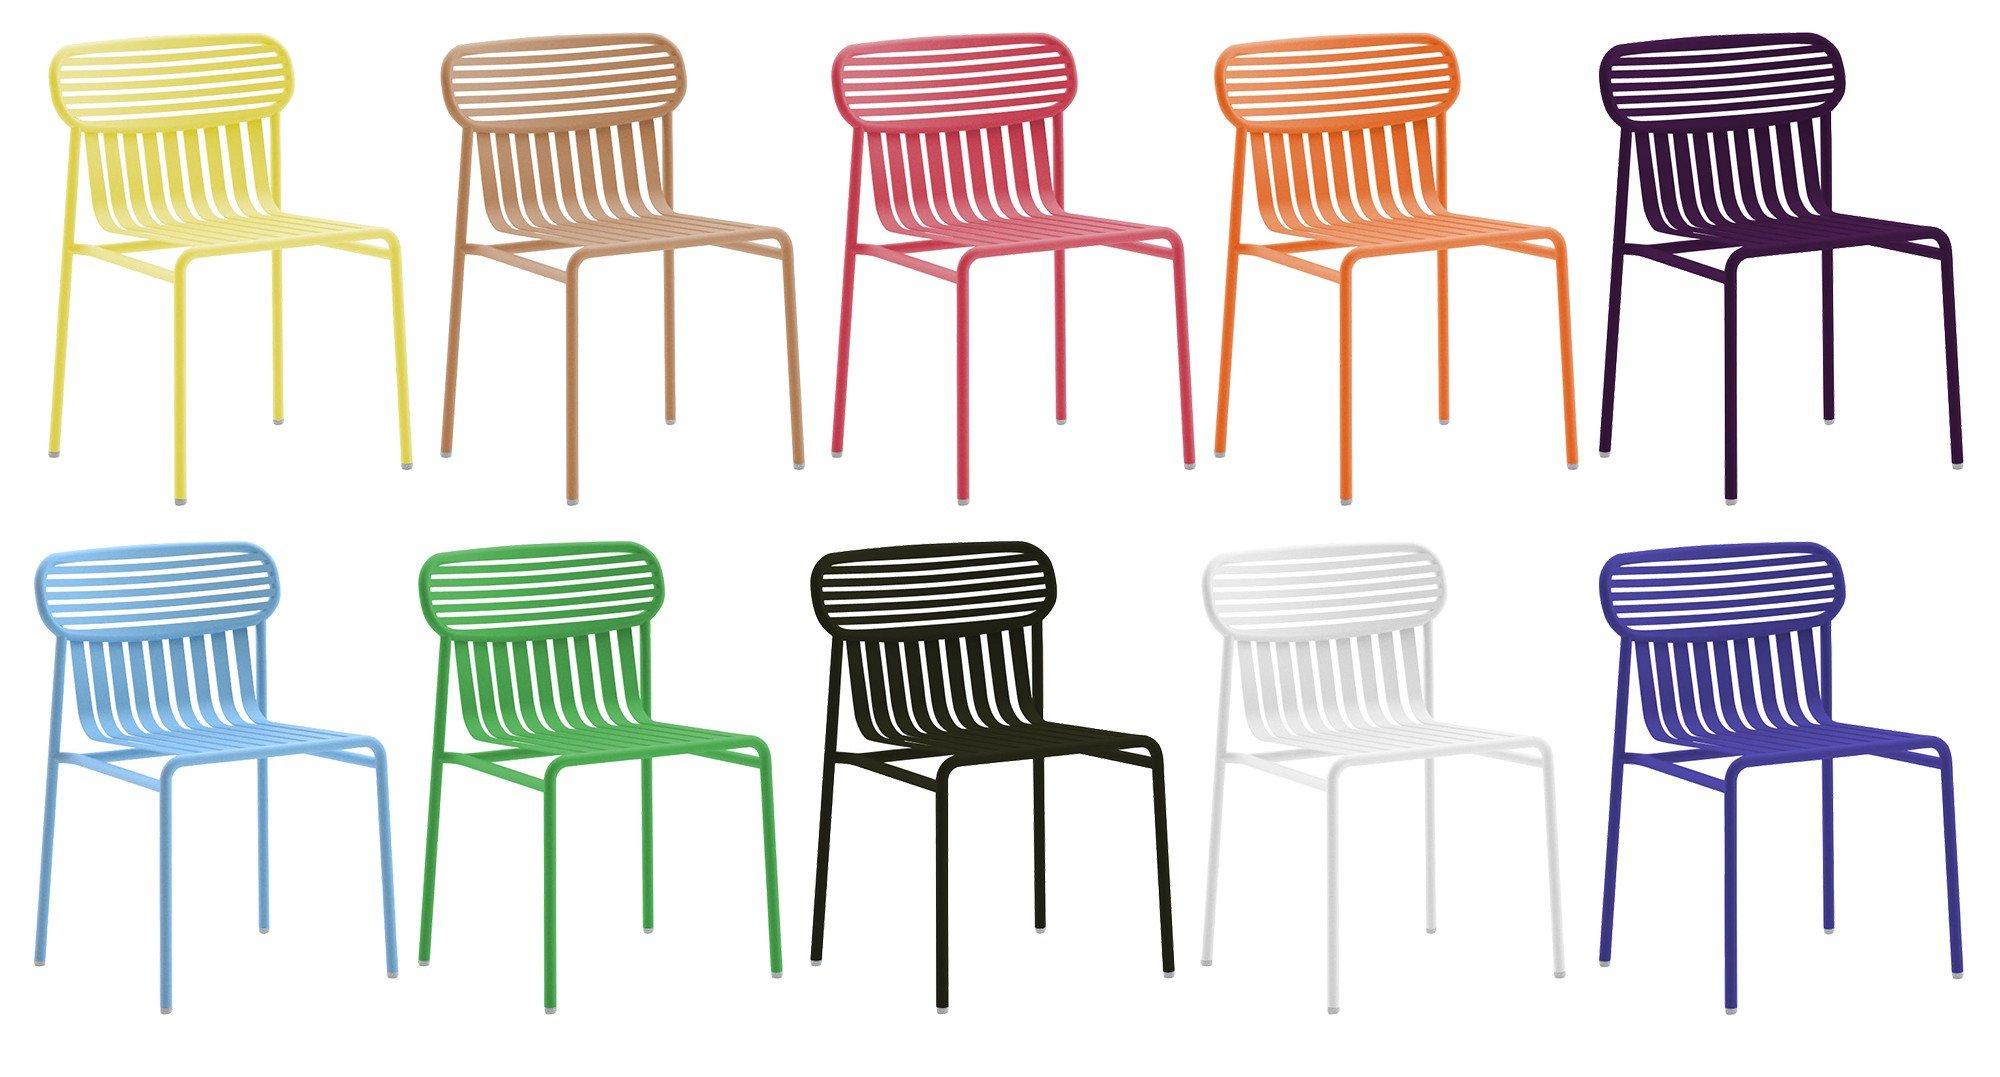 Nowoczesne Meble Ogrodowe Metalowe : Nowoczesne metalowe krzesło ogrodowe Weekend OXYO